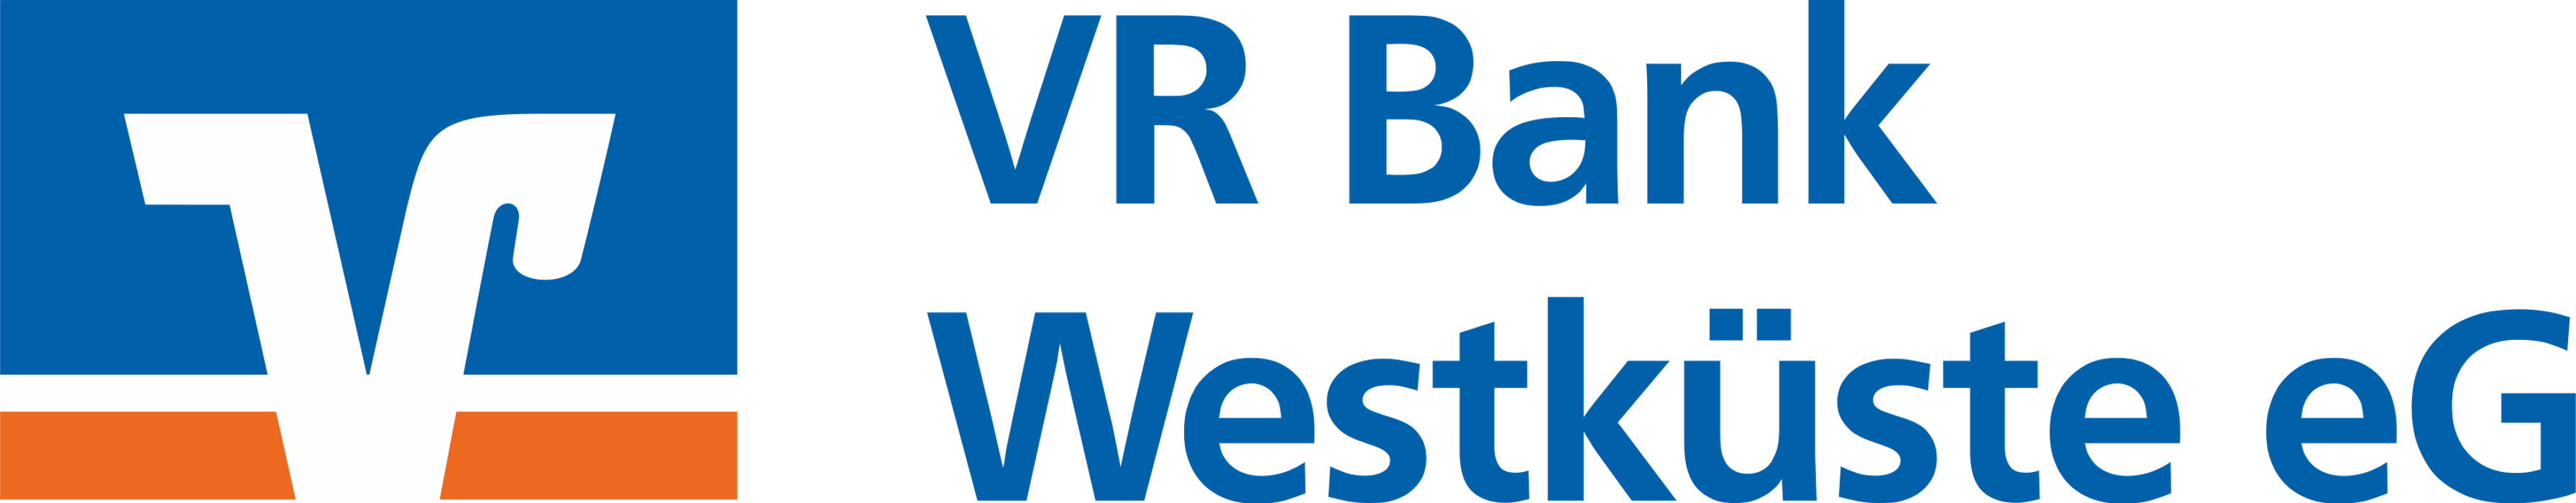 Logo von VR Bank Westküste eG Filiale St. Peter-Ording Dorf